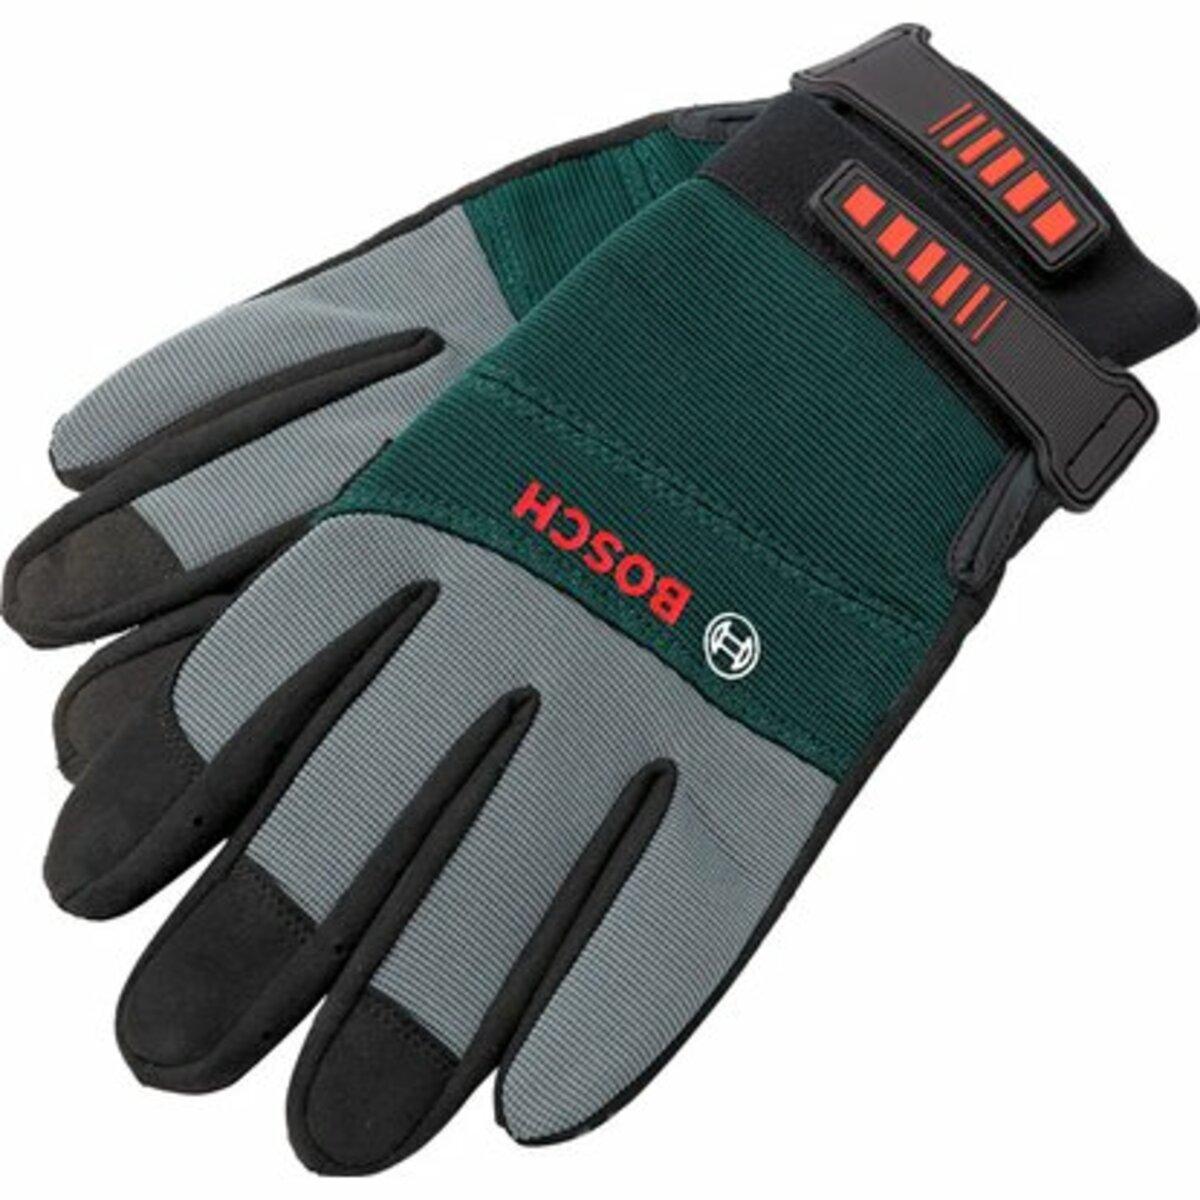 Bild 3 von Bosch 2in1 Akku-Strauch- und Grasschere Isio III inkl. Handschuhe